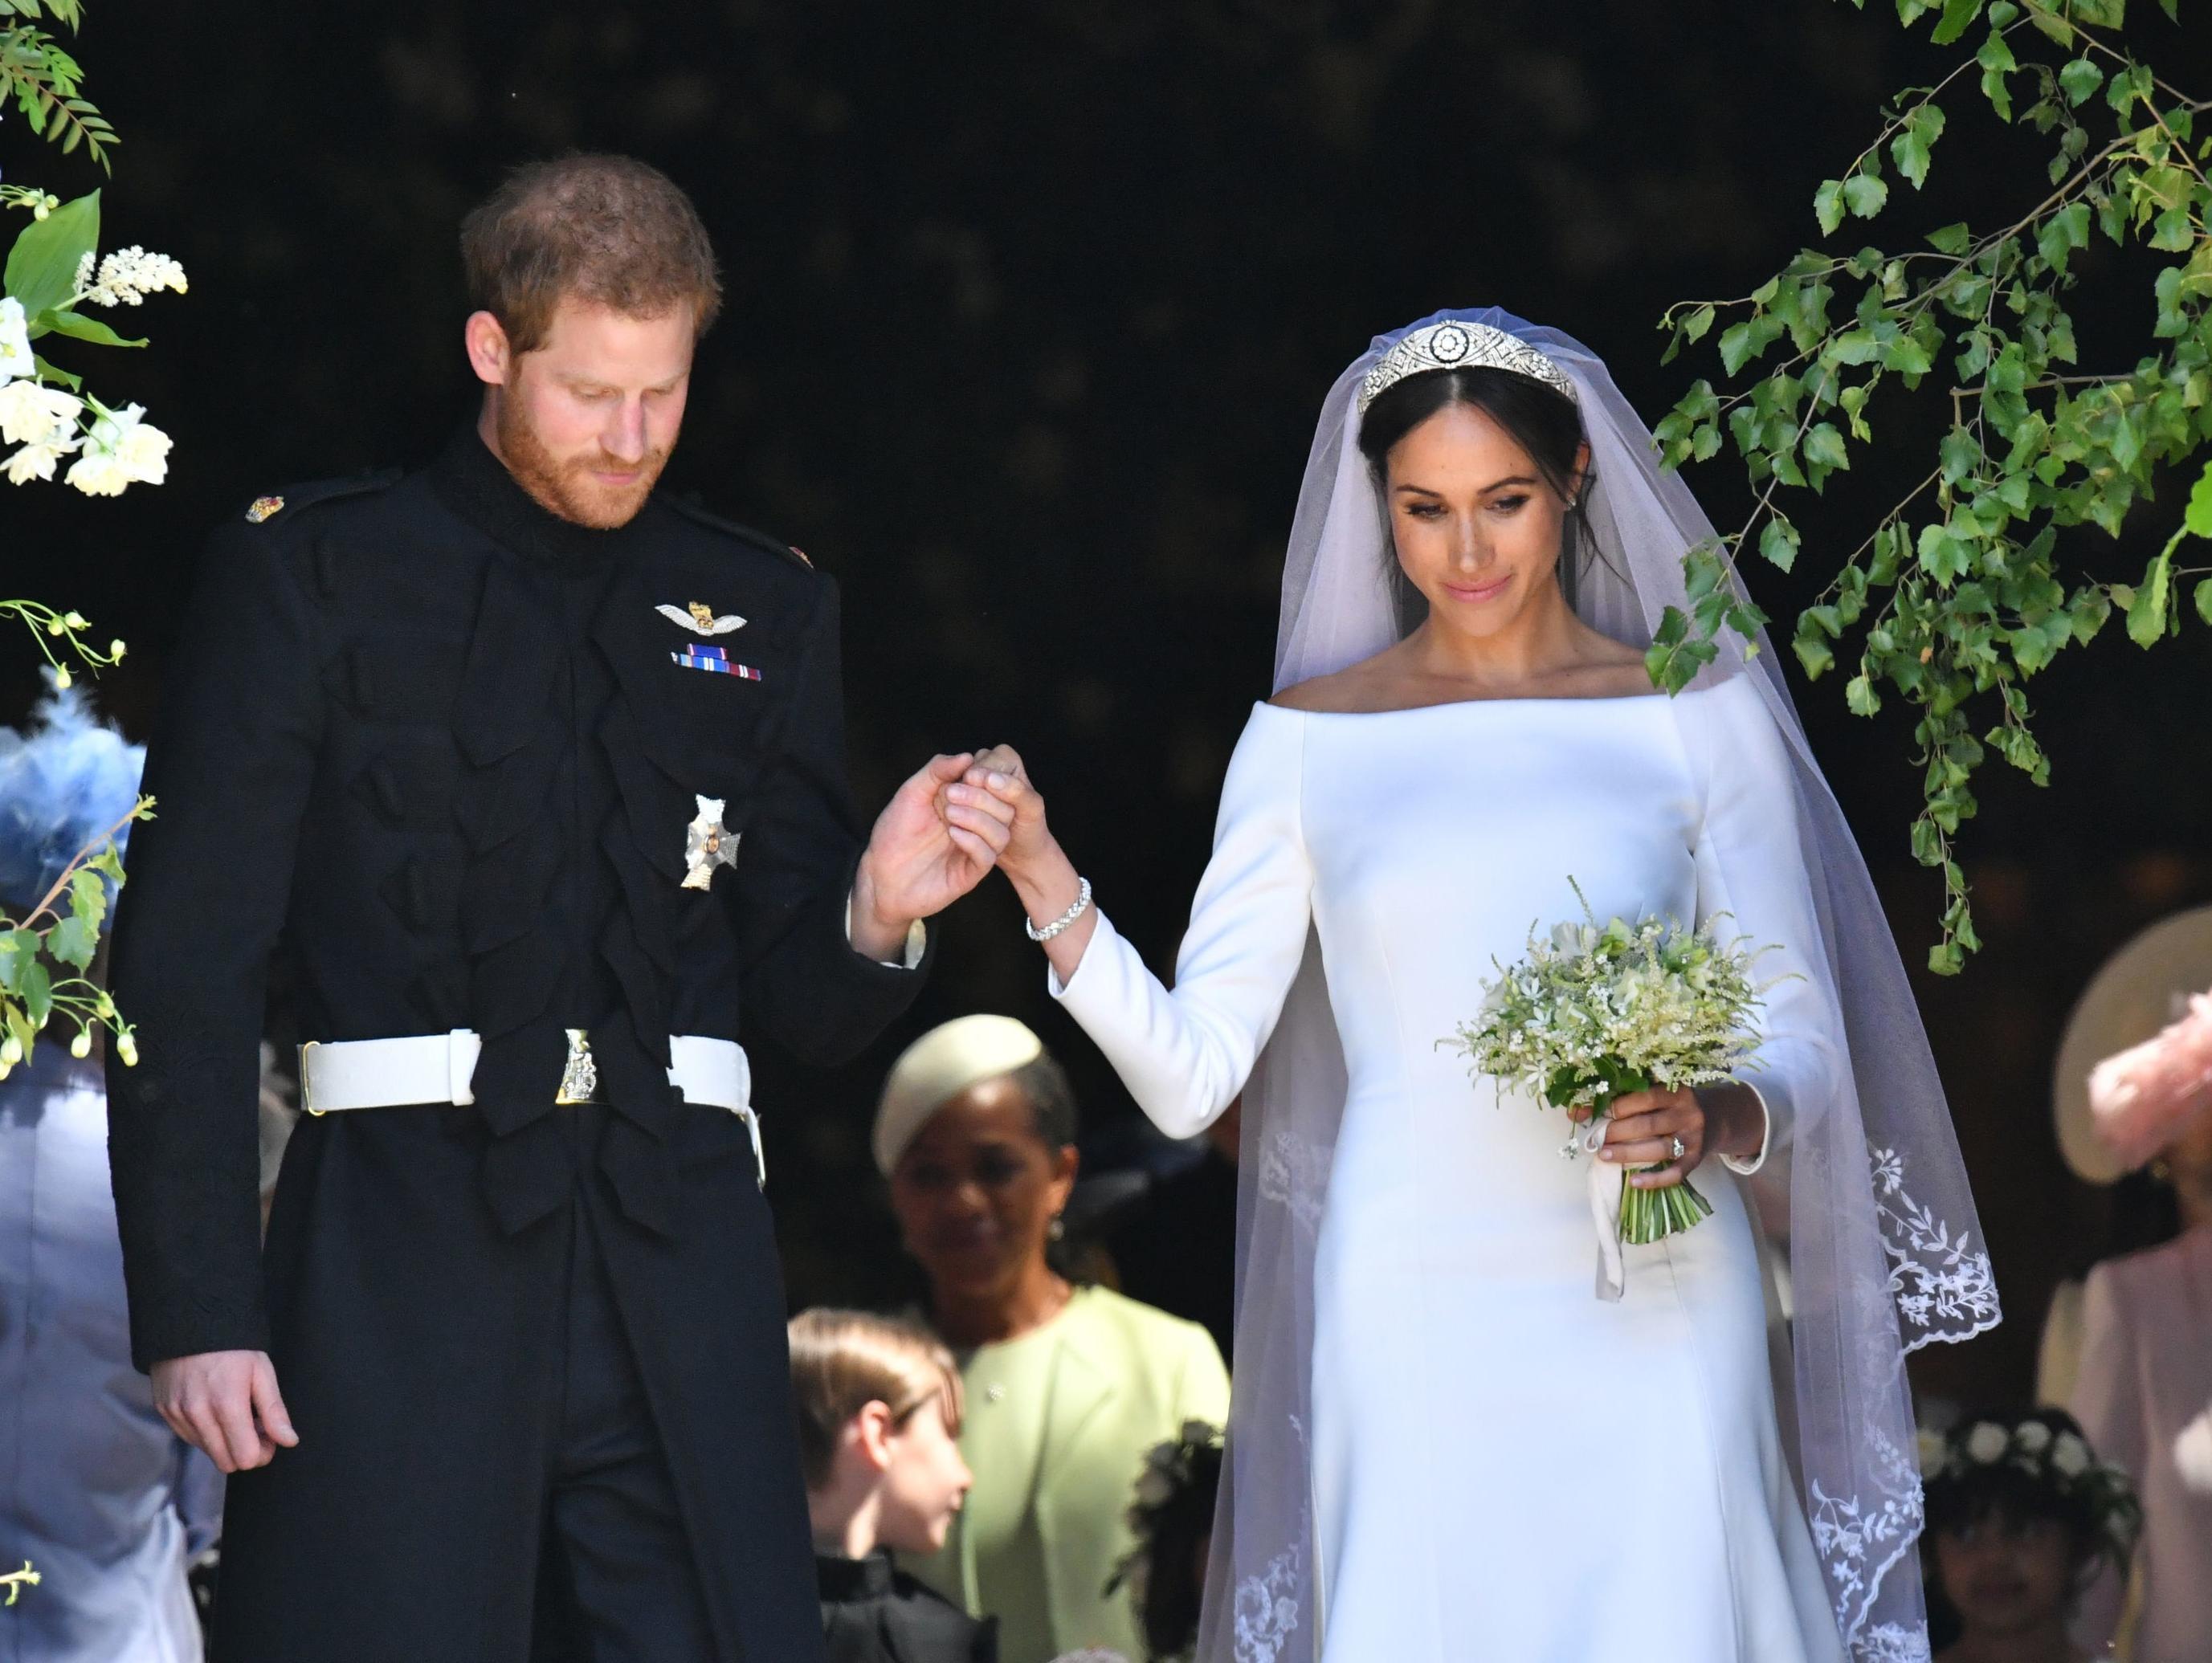 קולולו קולולו: איך נראתה שמלת הכלה של מייגן מרקל?